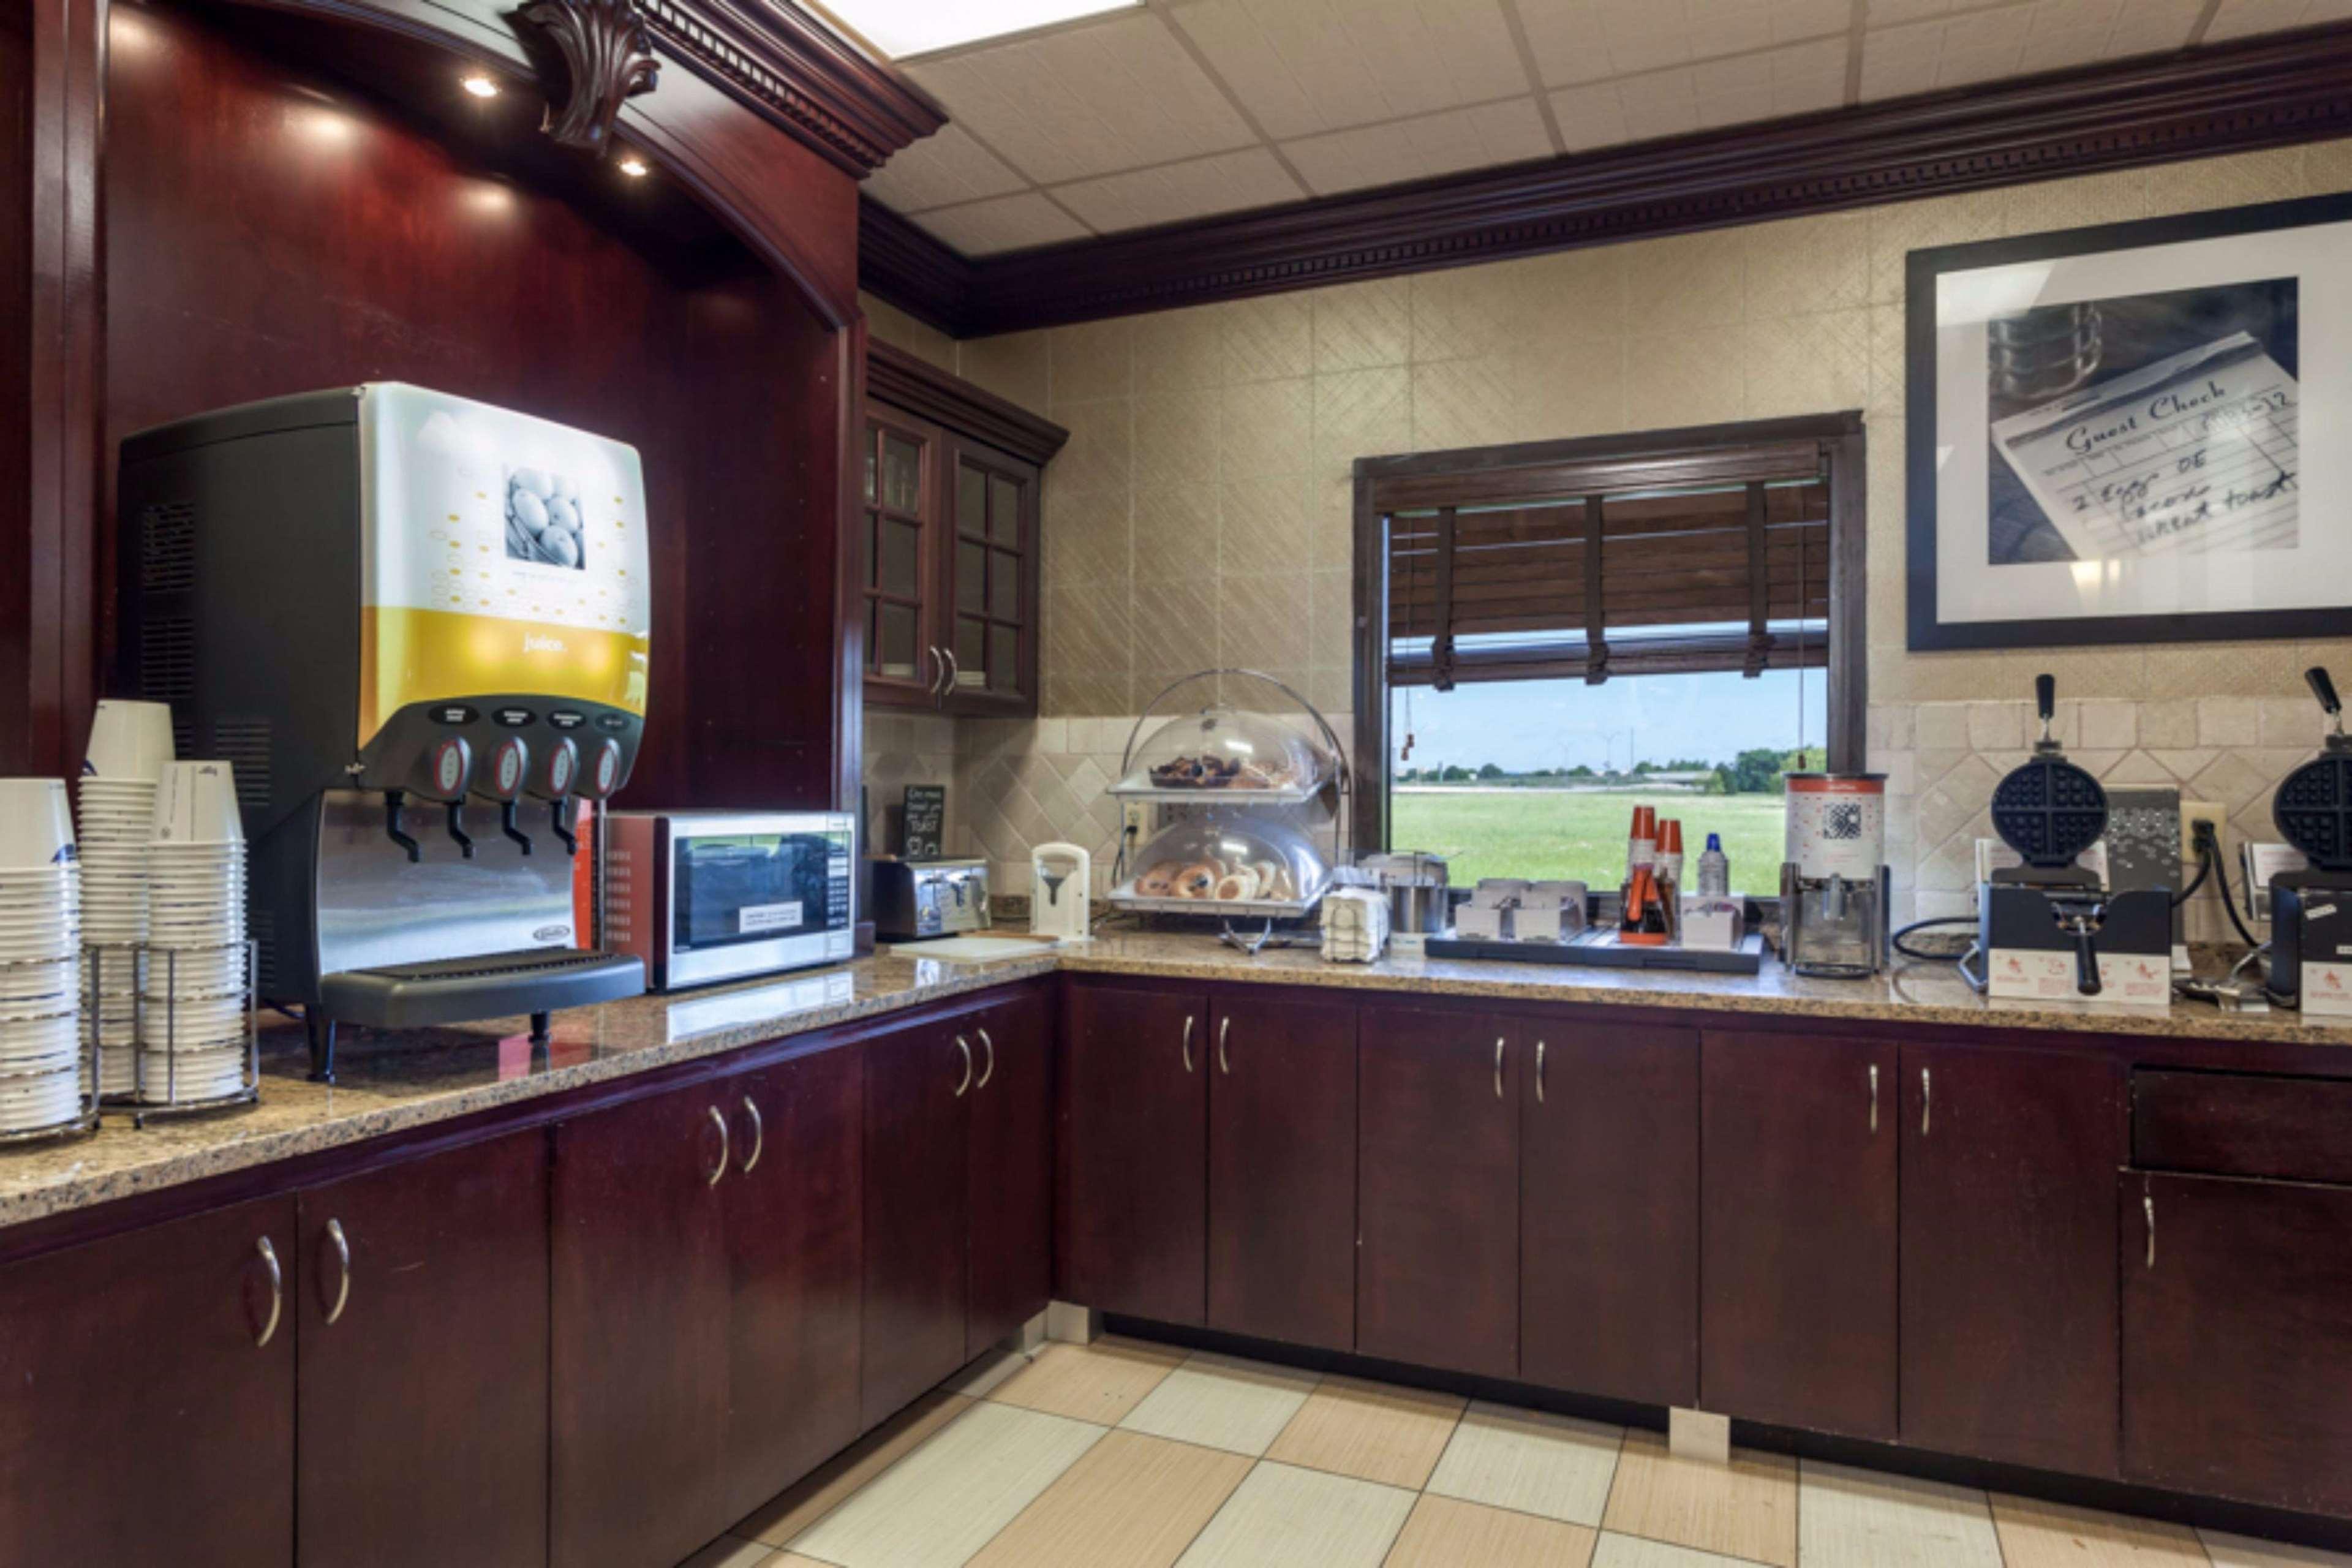 Hampton Inn & Suites Dallas-DFW Airport North-Grapevine in Grapevine, TX, photo #11